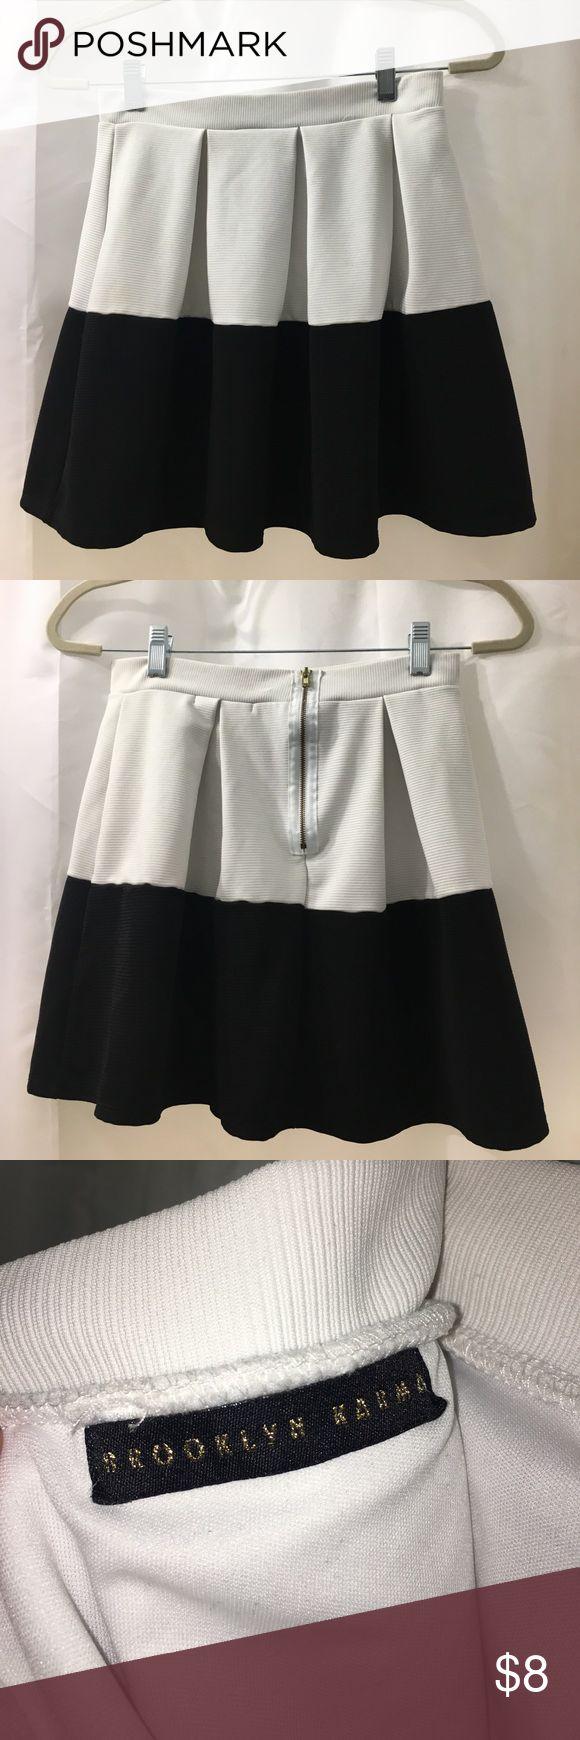 Brooklyn Karma black and white mini skirt size M Brooklyn Karma Black and White mini skirt size M brooklyn Karma Skirts Mini